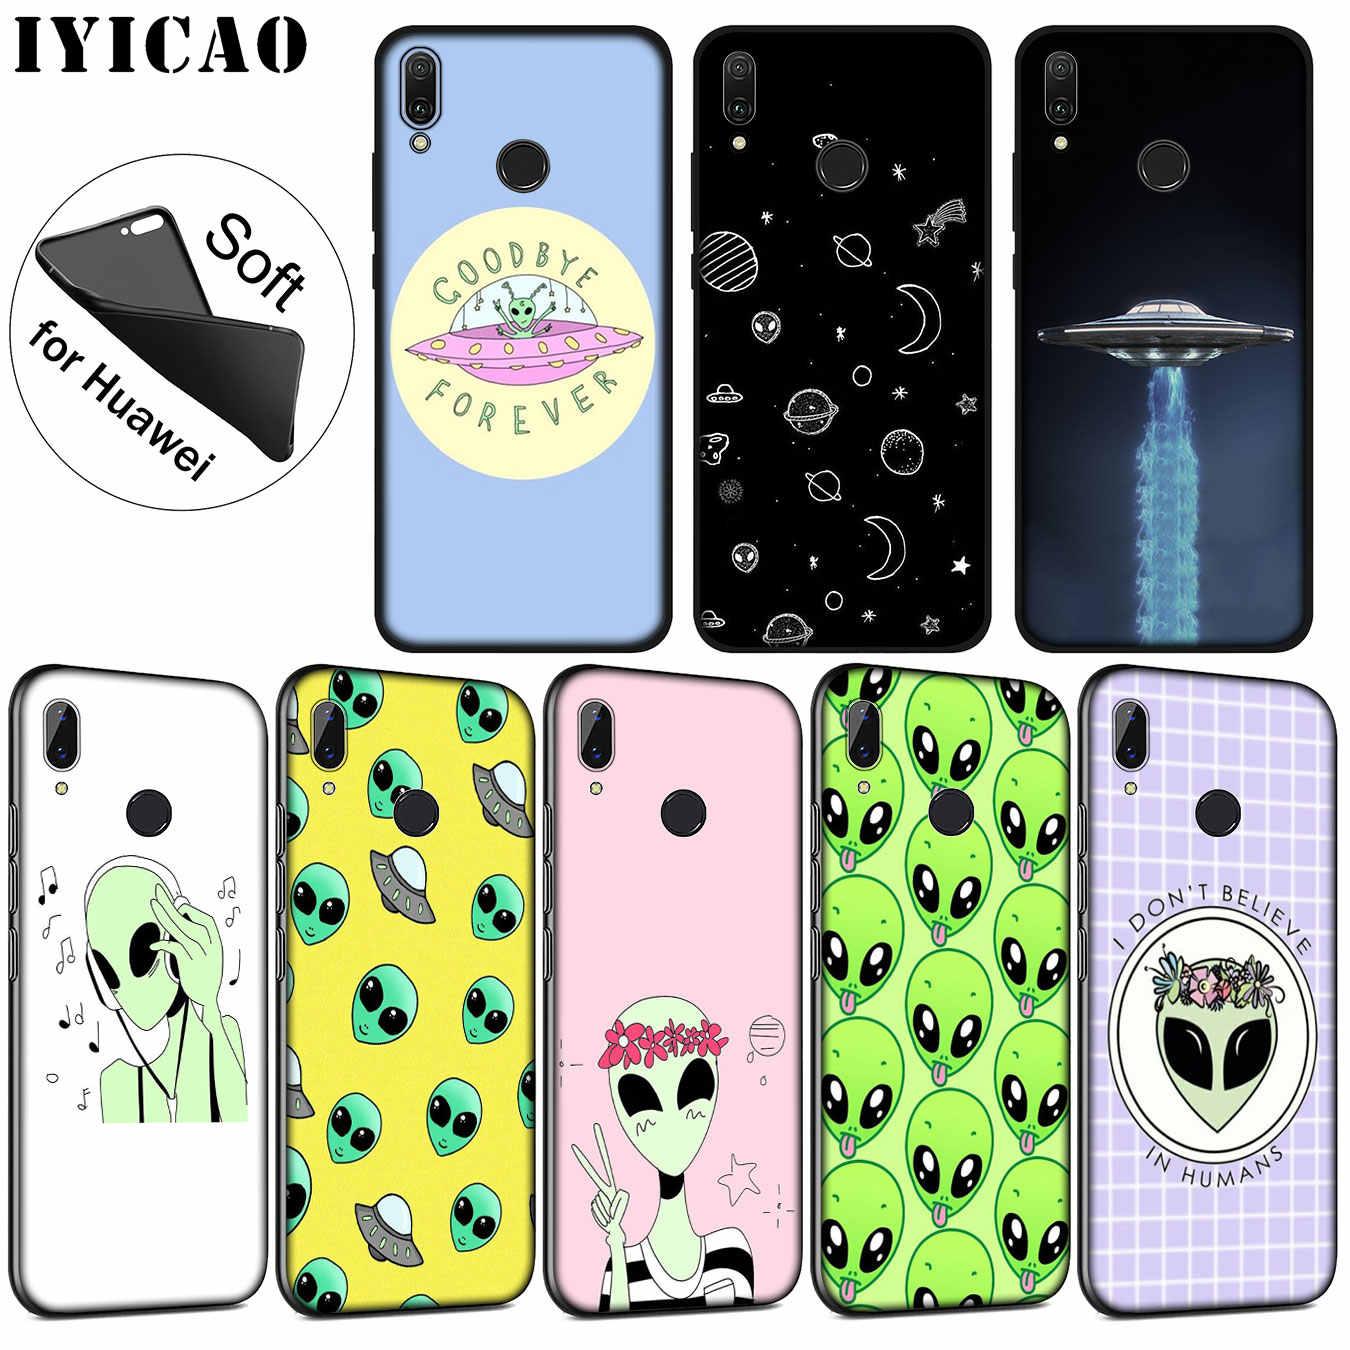 IYICAO Carino Alien UFO Kawaii Molle della Cassa Del Silicone per Huawei P30 P20 Pro P10 P9 P8 Lite Mini 2017 2016 2015 P di smart Z 2019 di Copertura